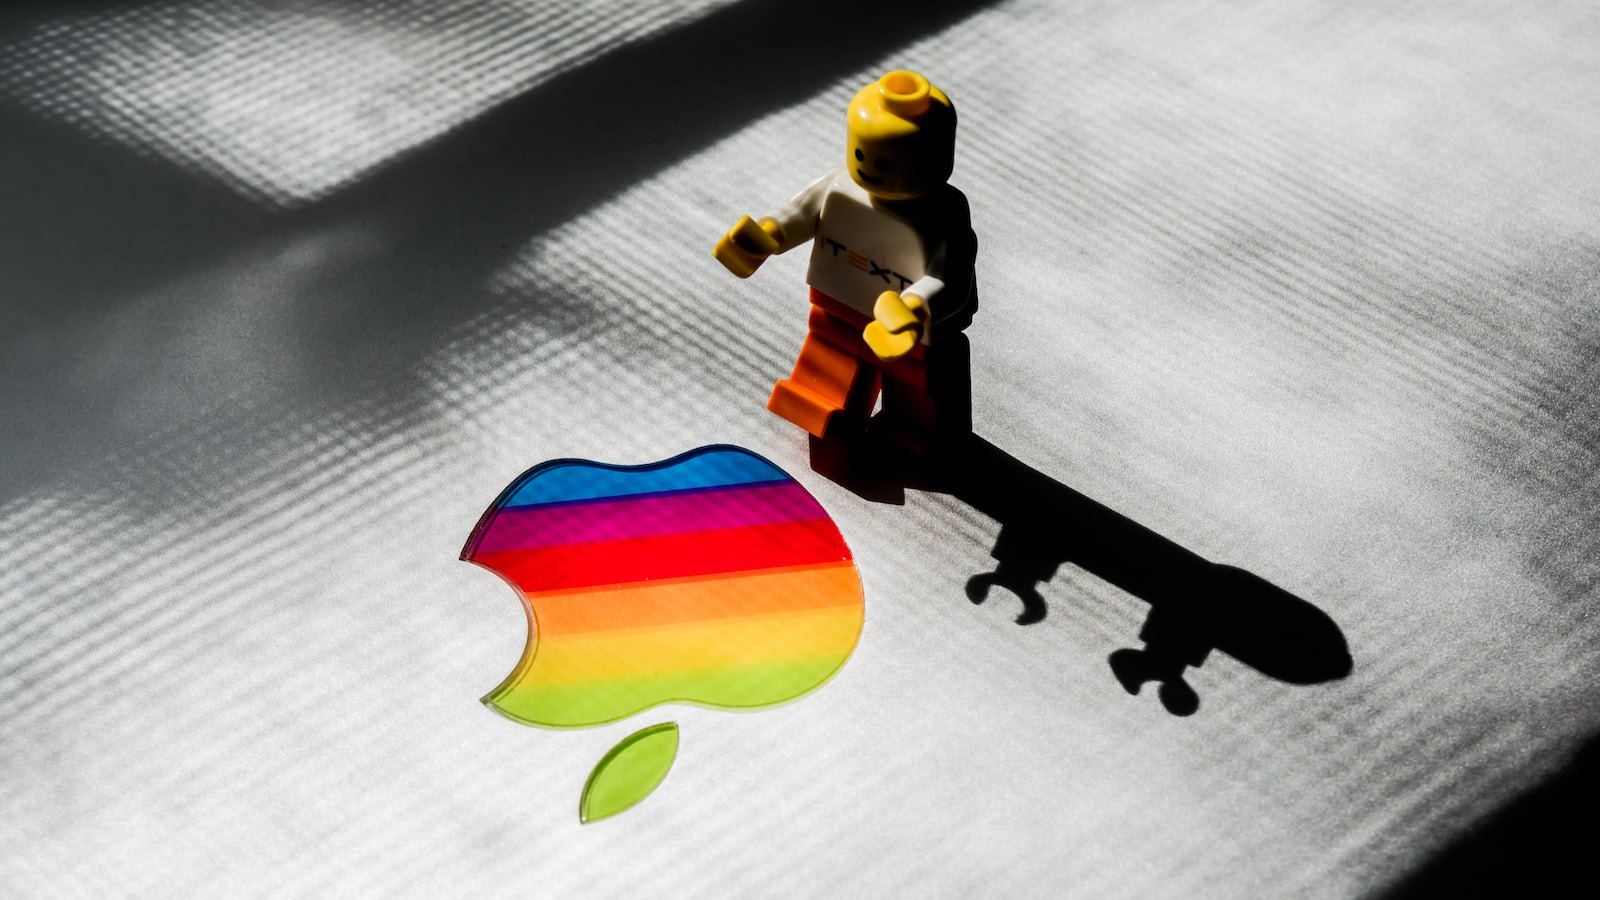 Rishi deep QtnUbHeiOE0 unsplash apple lego